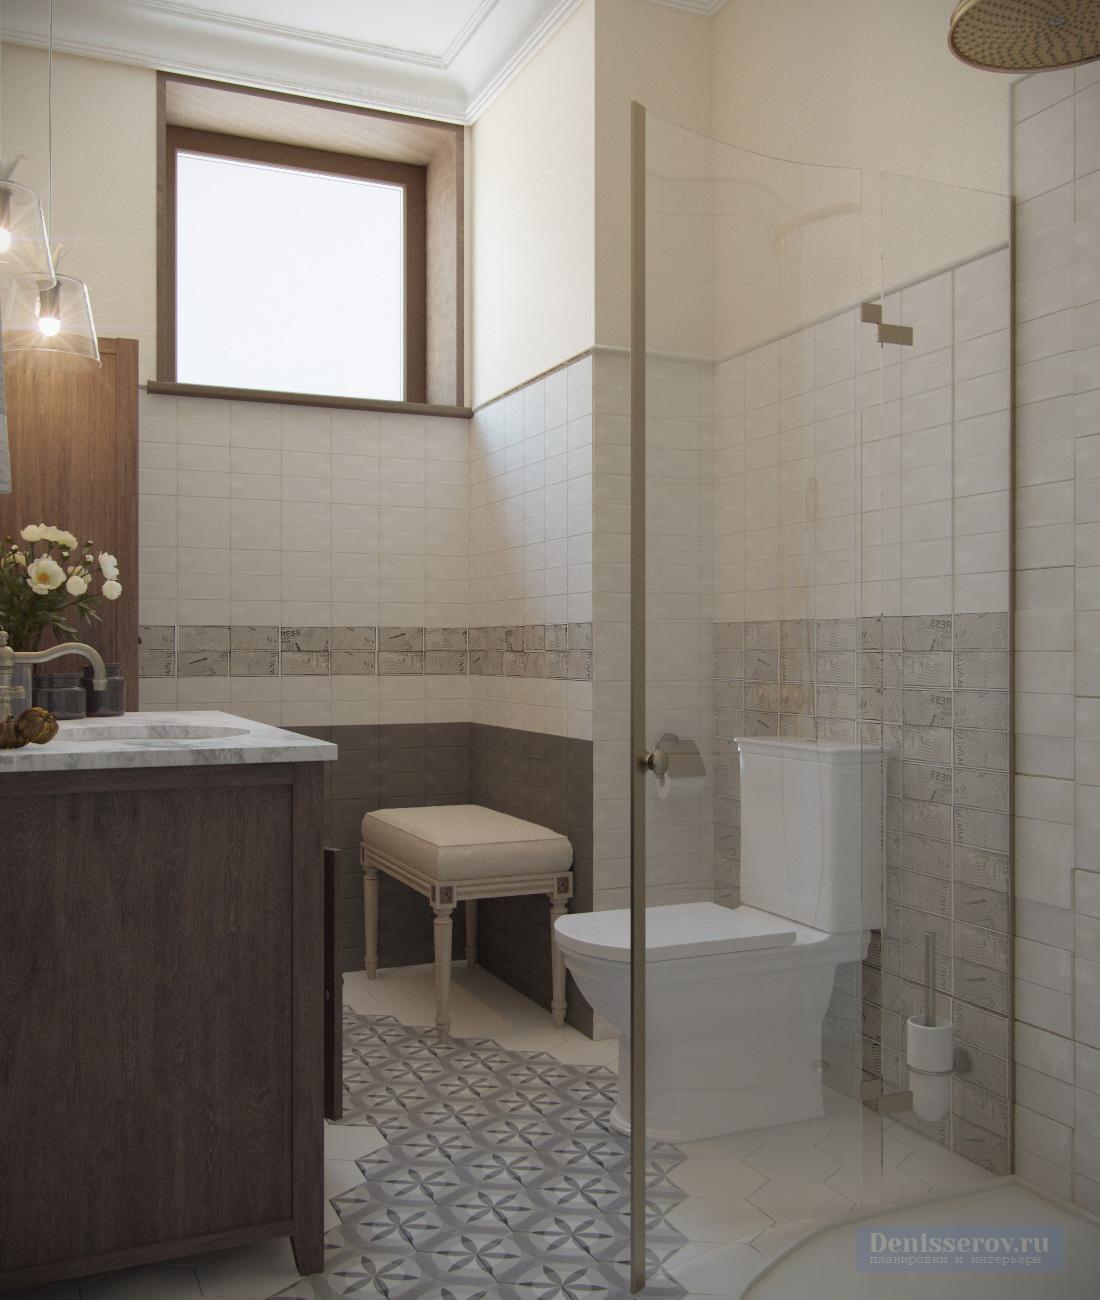 Malenkij-tualet-v-dome-v-stile-provans-3